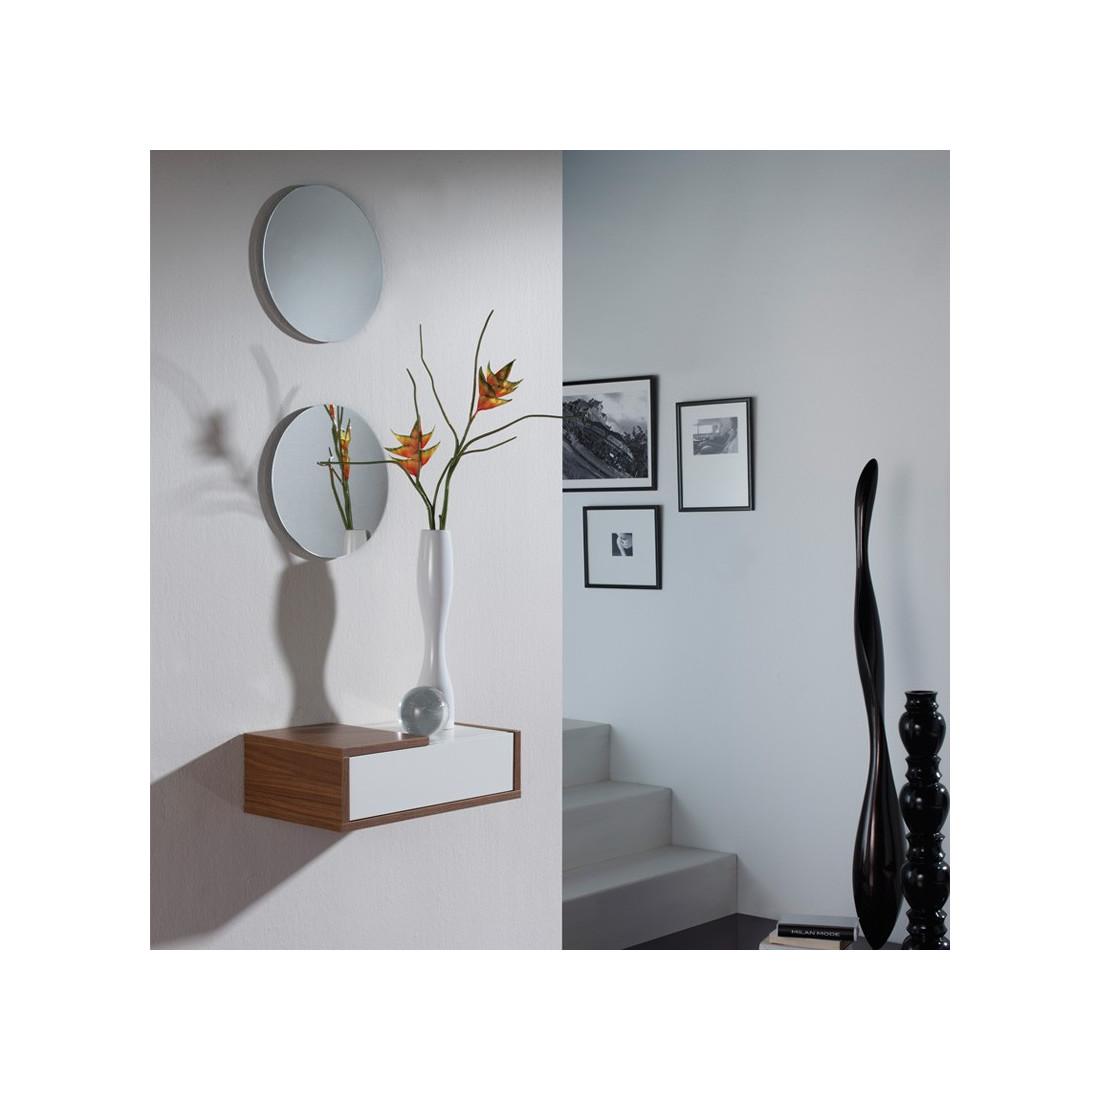 meuble d 39 entr e noyer miroir scopa univers petits meubles. Black Bedroom Furniture Sets. Home Design Ideas